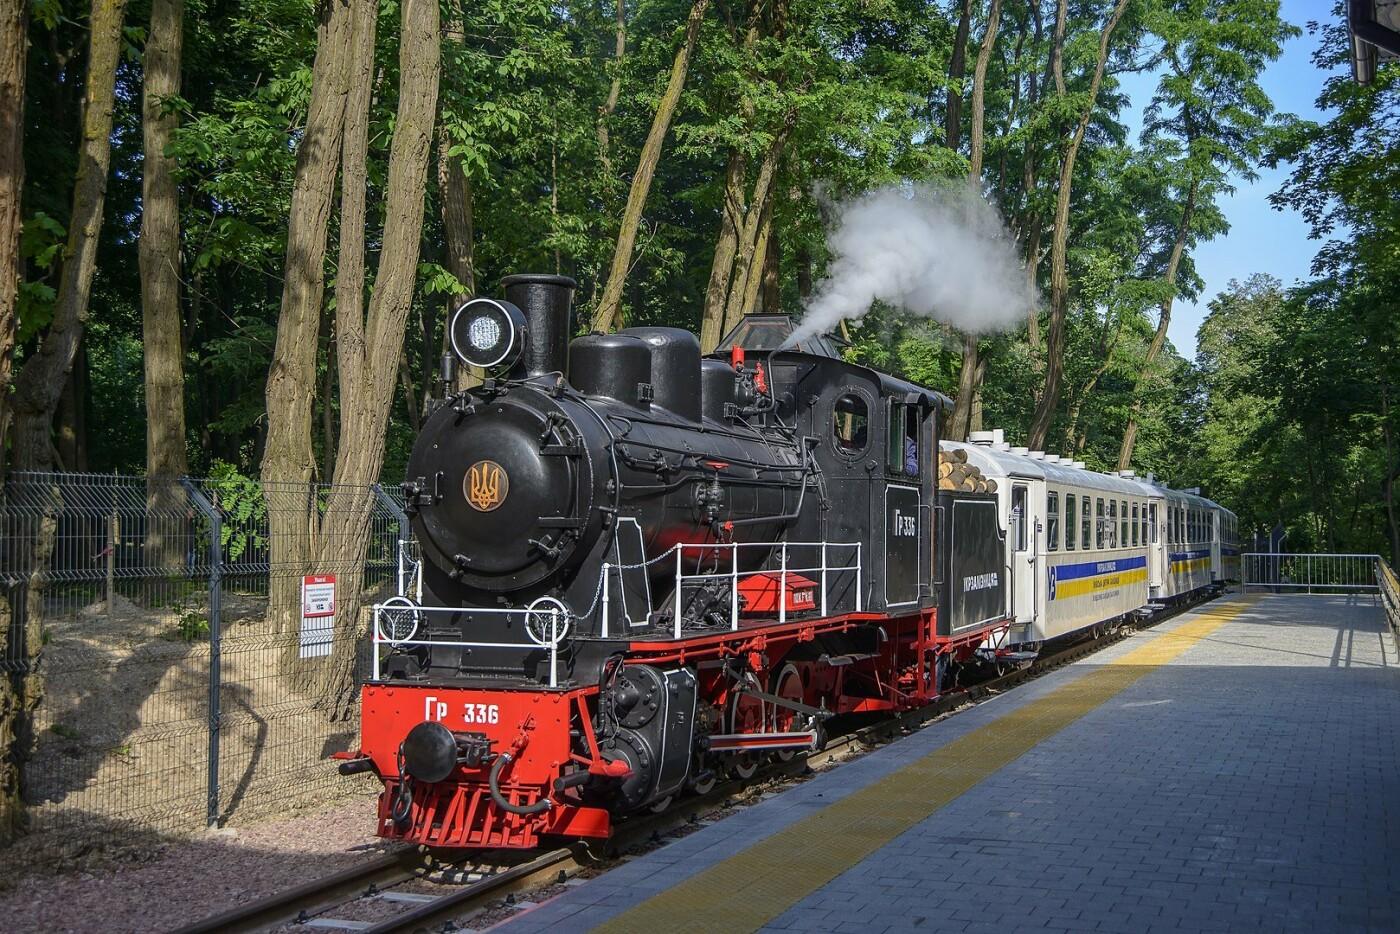 Настоящие поезда и мини-вокзал: детская железная дорога в Киеве, - ФОТО, ВИДЕО, Фото: Википедия